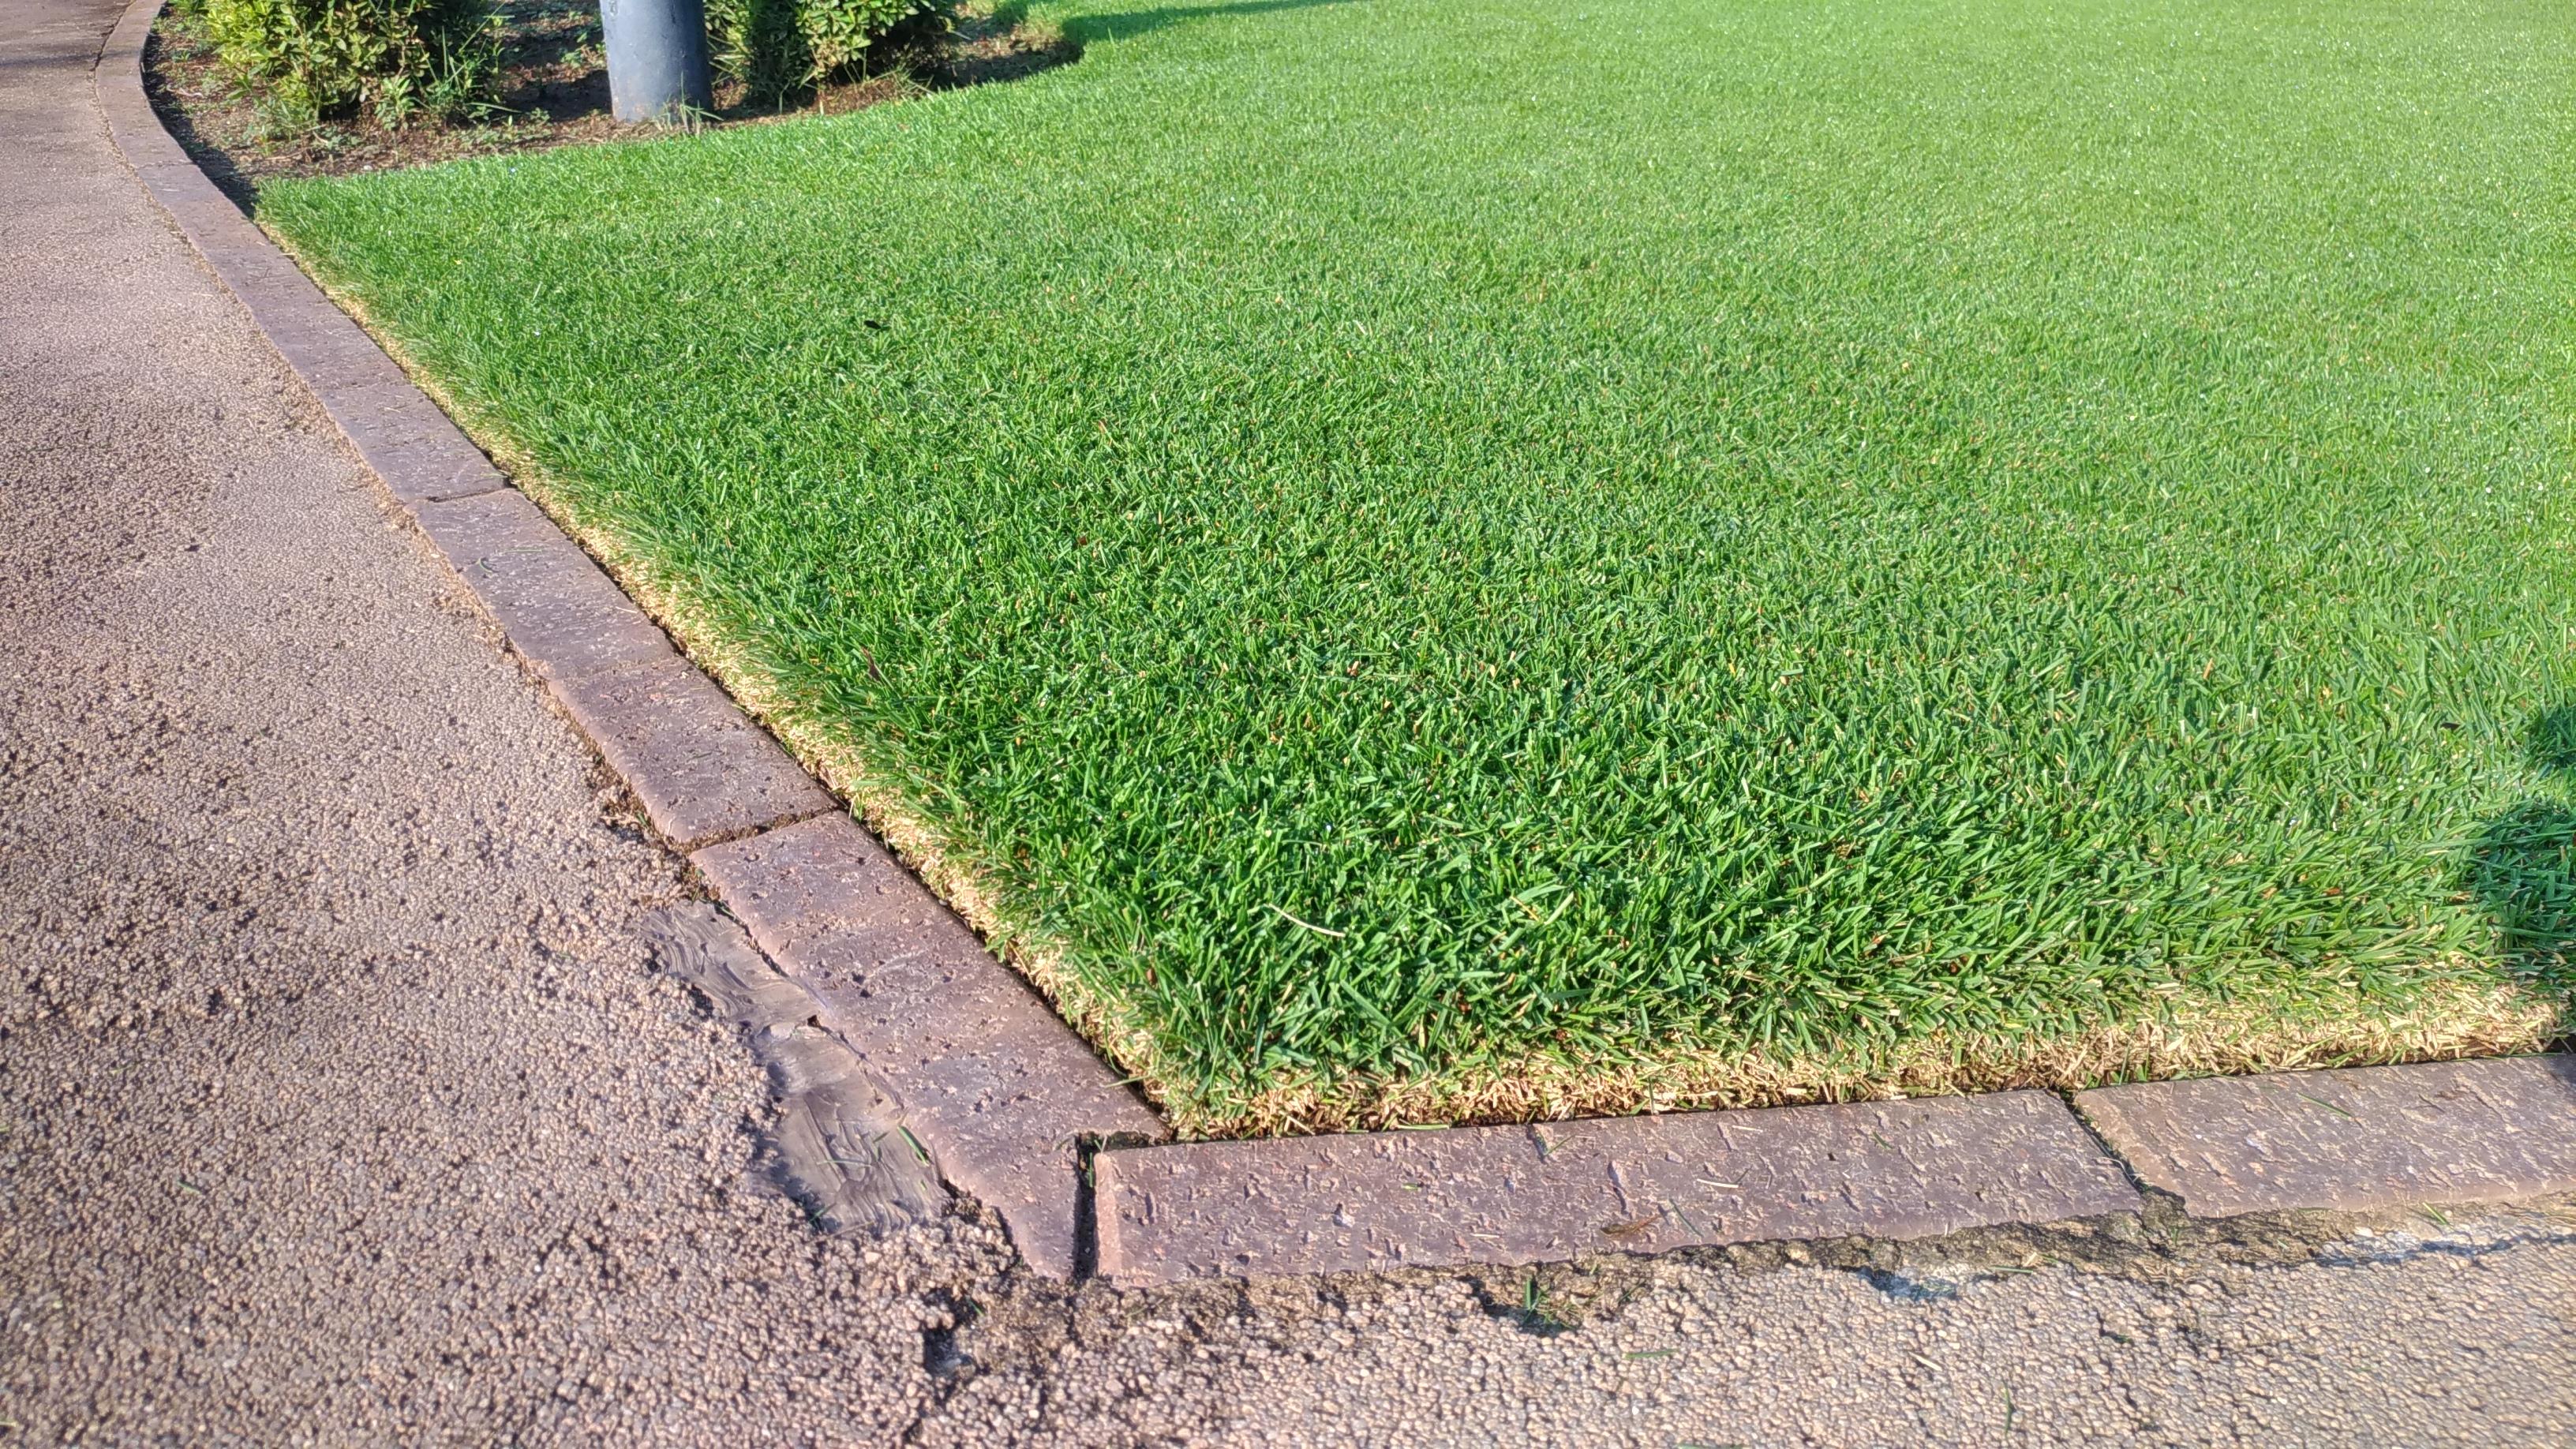 誰でも簡単にできる芝生の際刈りを詳しく解説😃✨